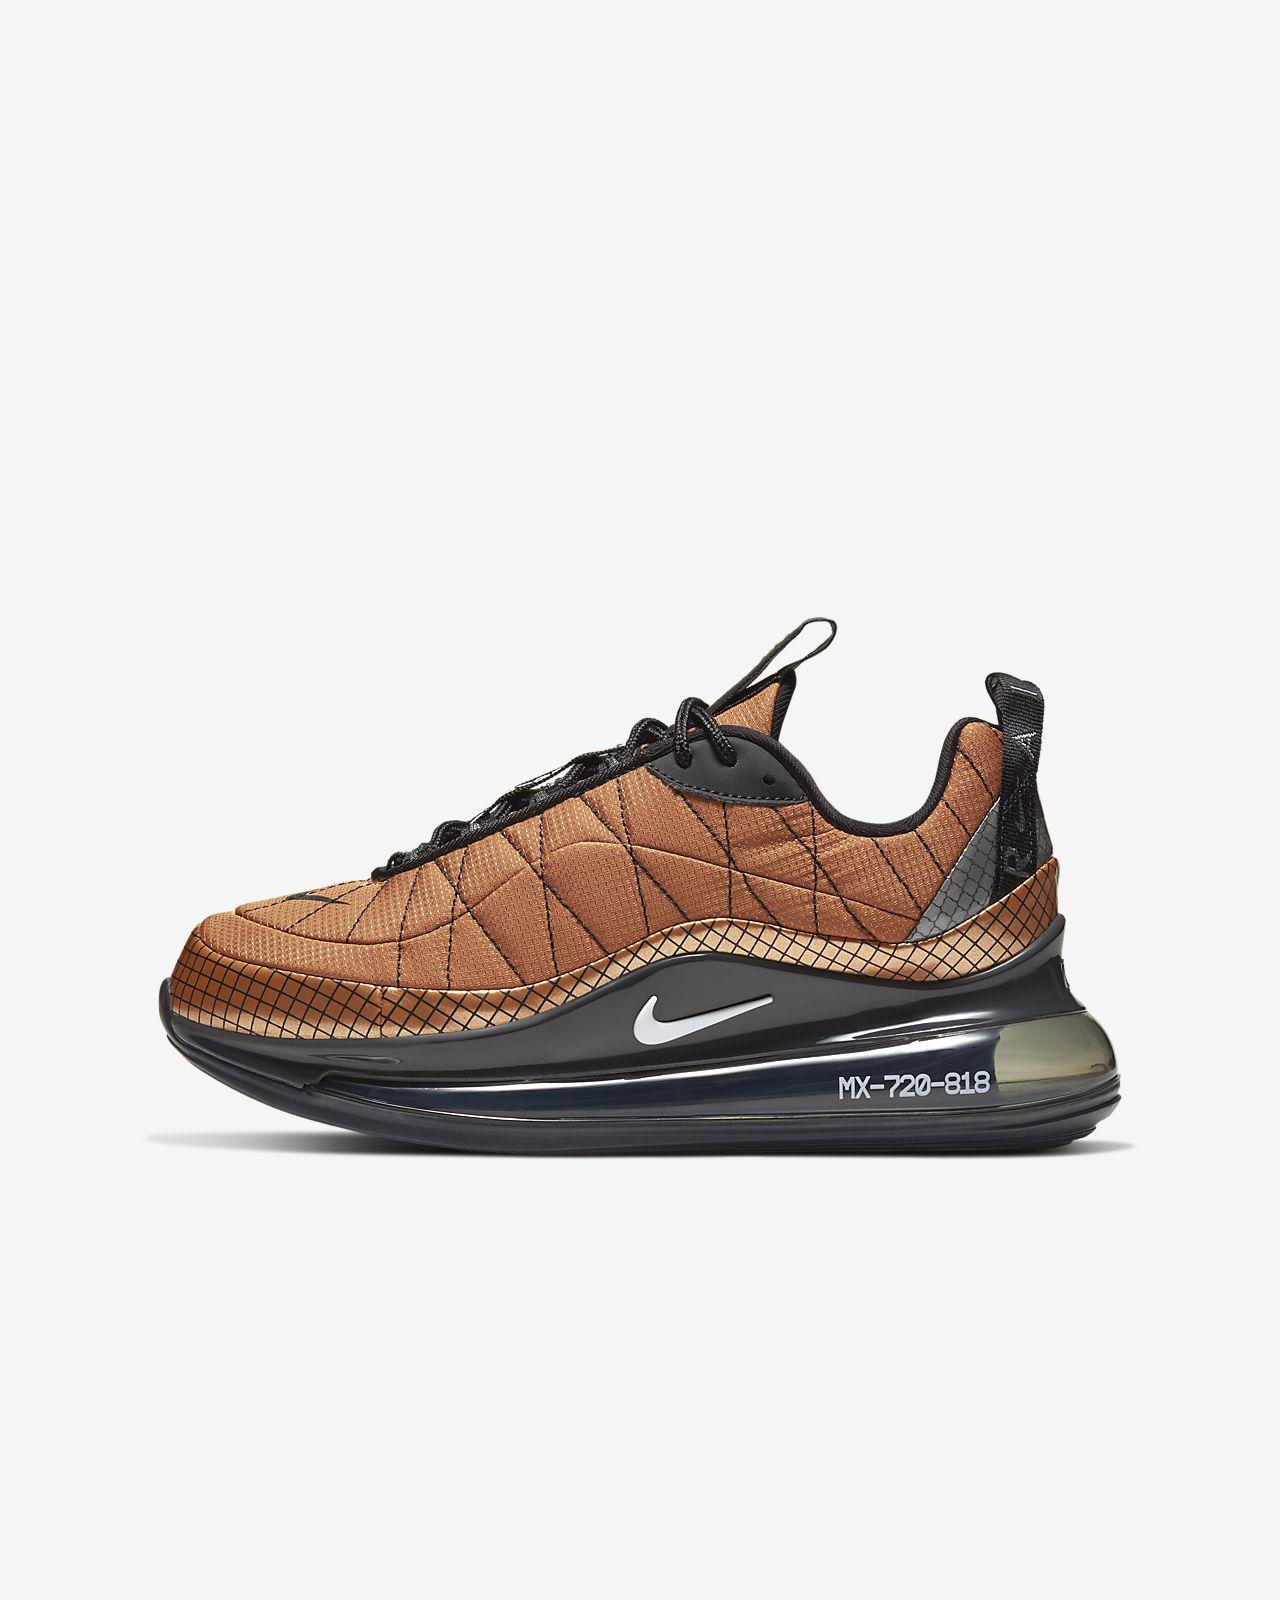 Buty dla małych / dużych dzieci Nike MX-720-818